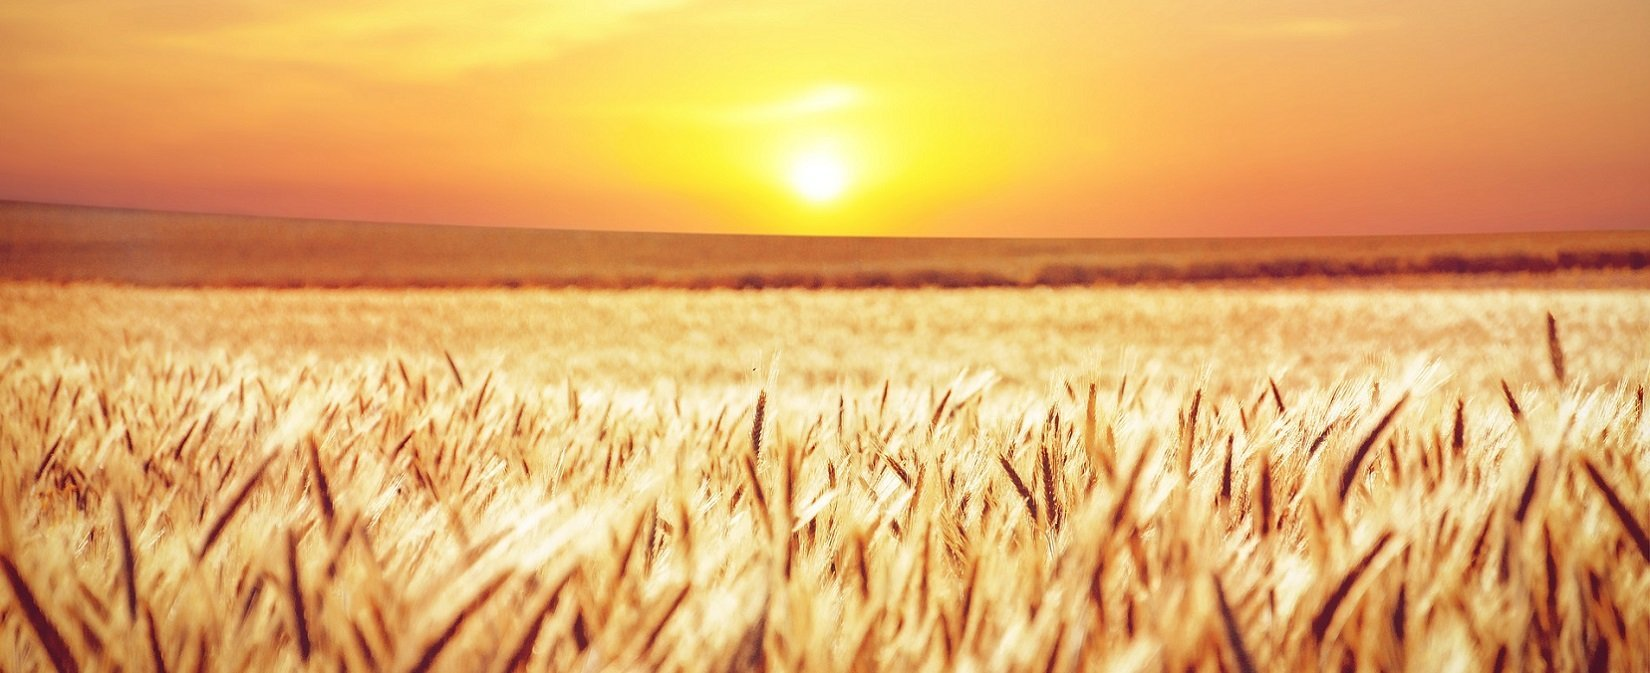 Campo de trigo puesta de sol